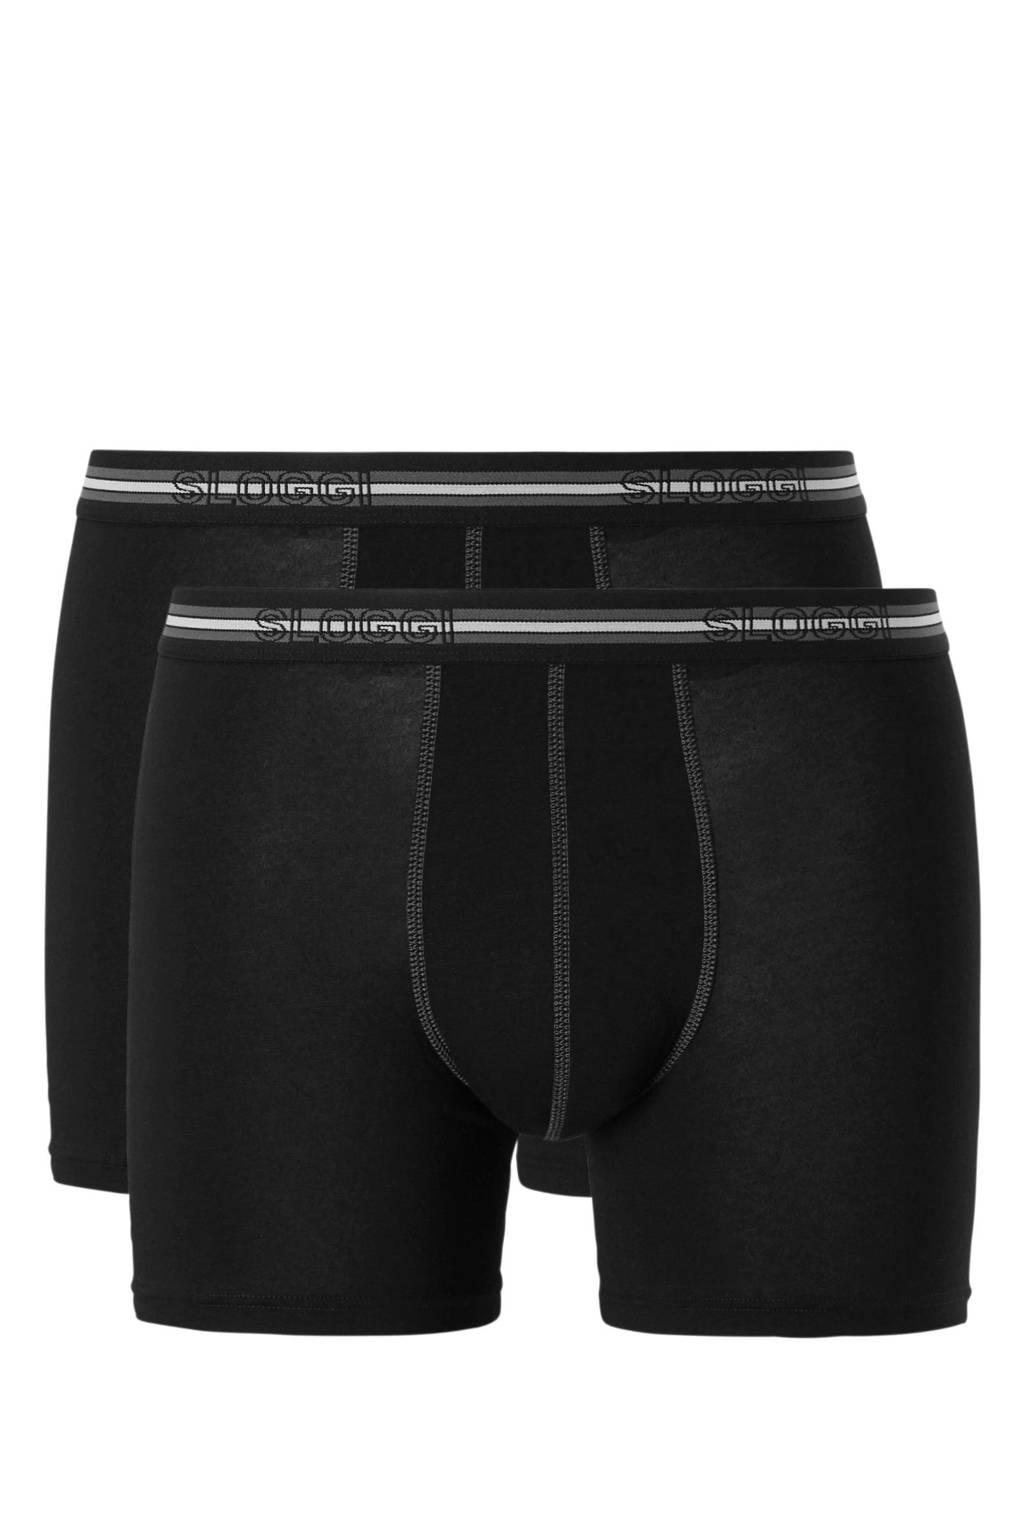 Sloggi boxershort (set van 2) zwart, Zwart